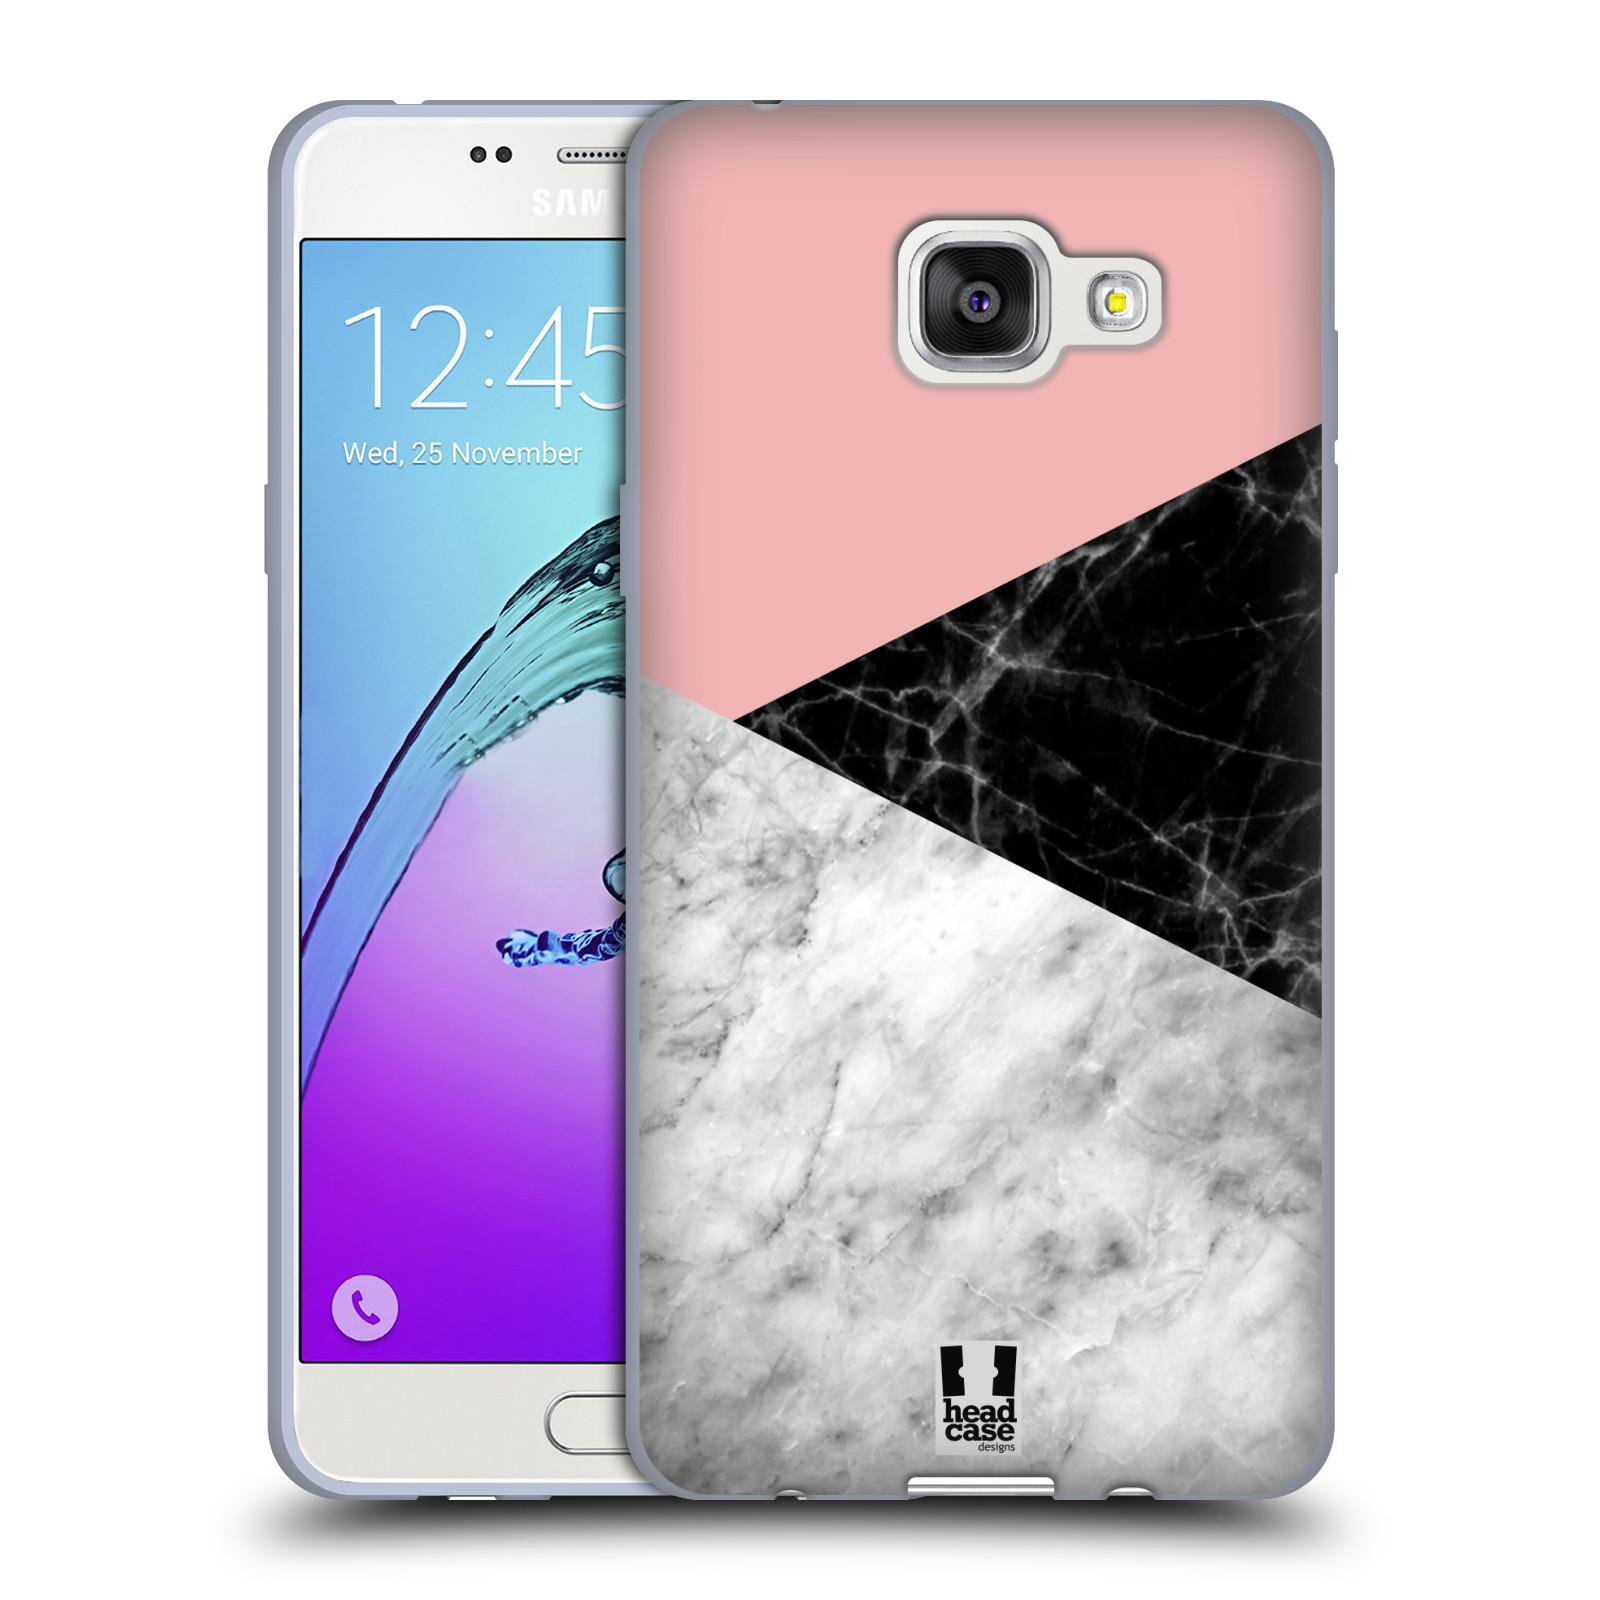 Silikonové pouzdro na mobil Samsung Galaxy A5 (2016) - Head Case - Mramor mix